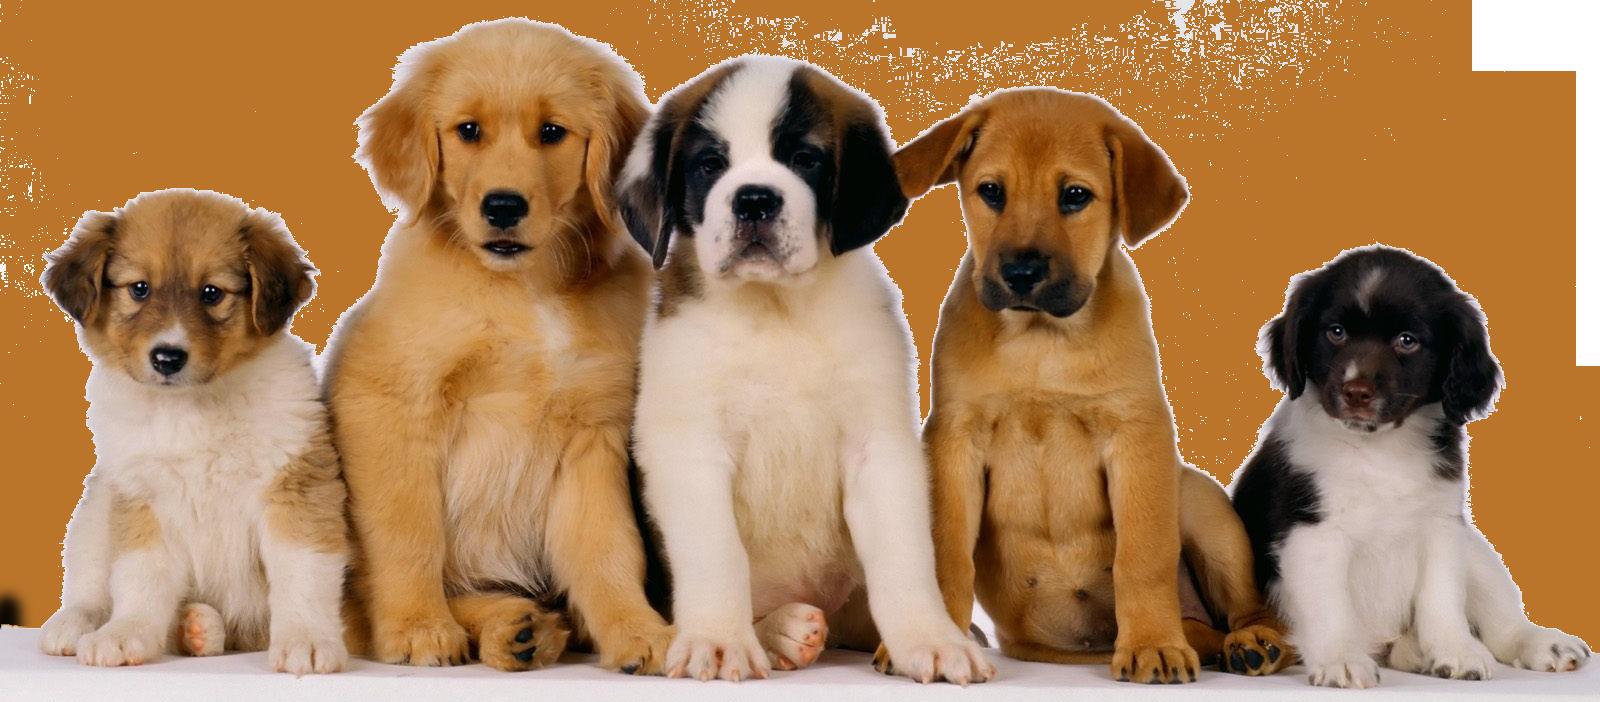 perroscachorros-de-perro